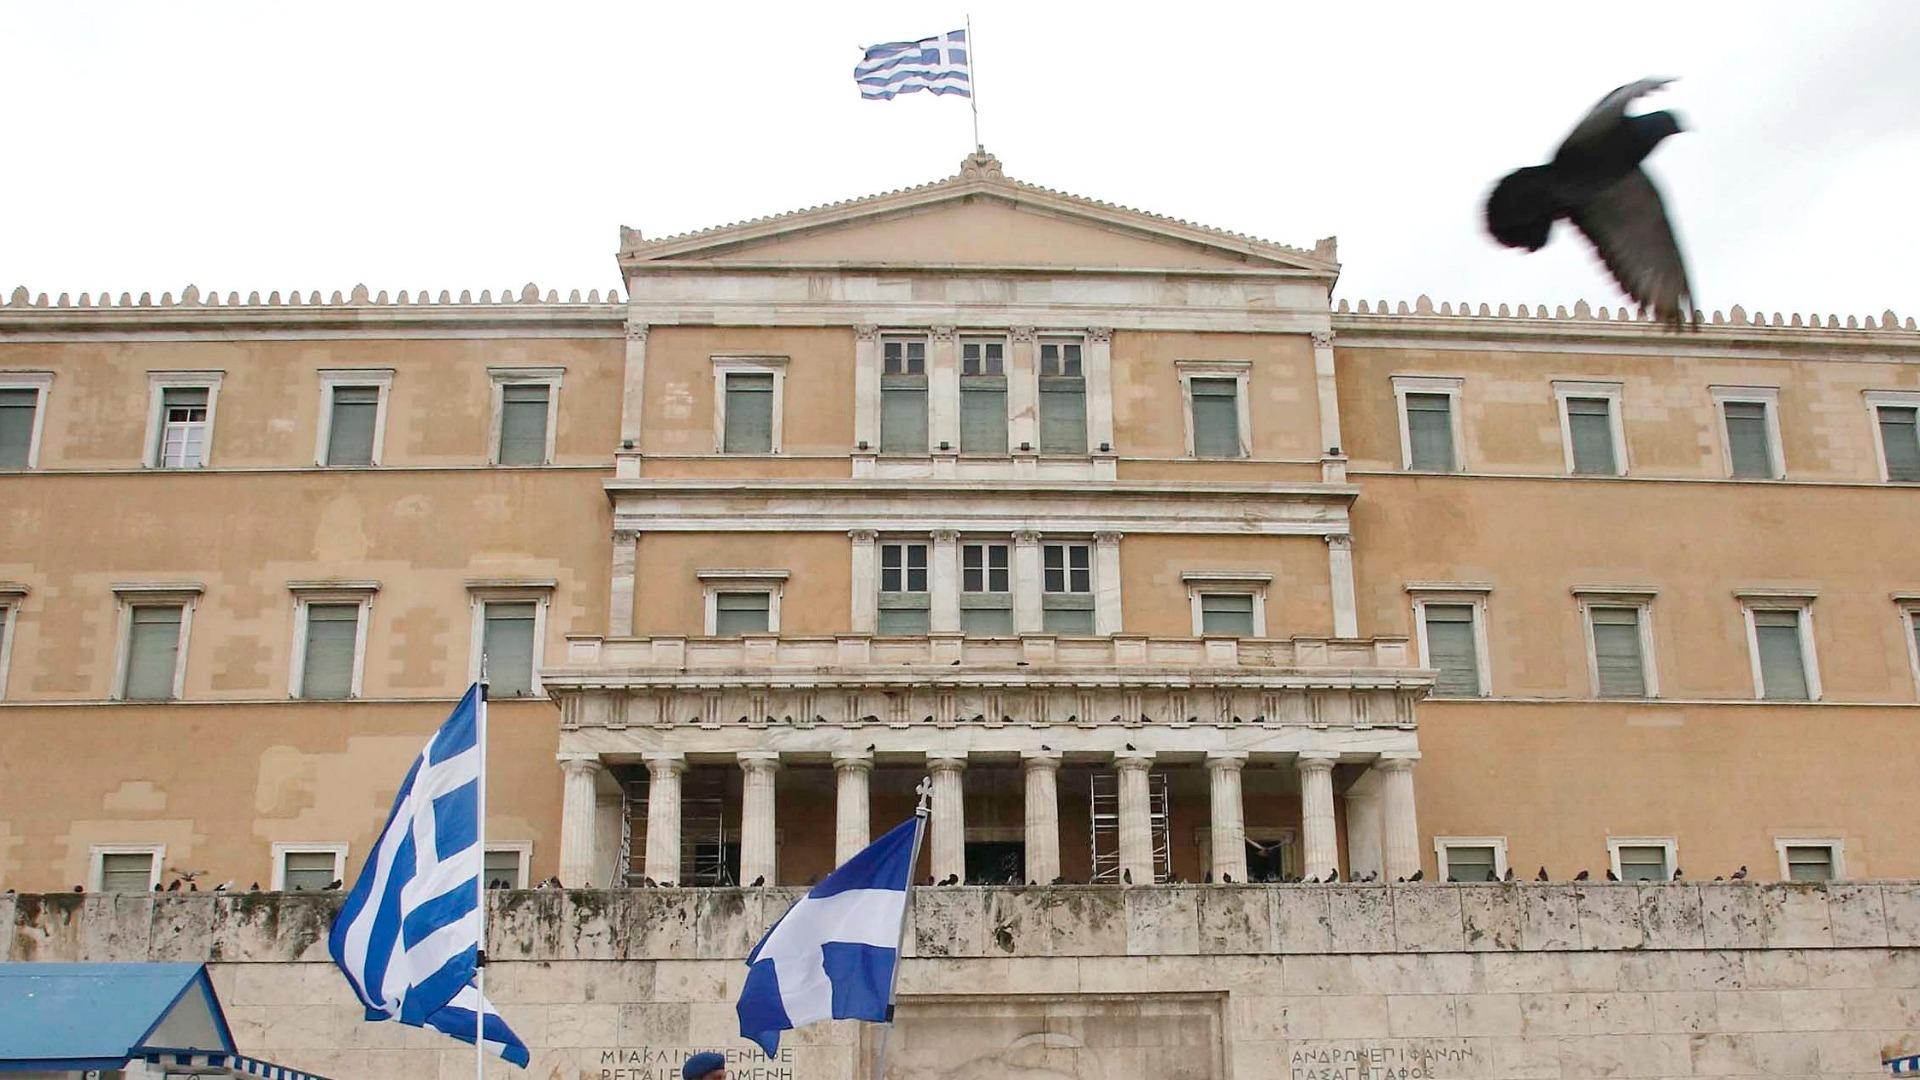 Гръцката опозиция и по-малкият коалиционен партньор в правителството - националистическата